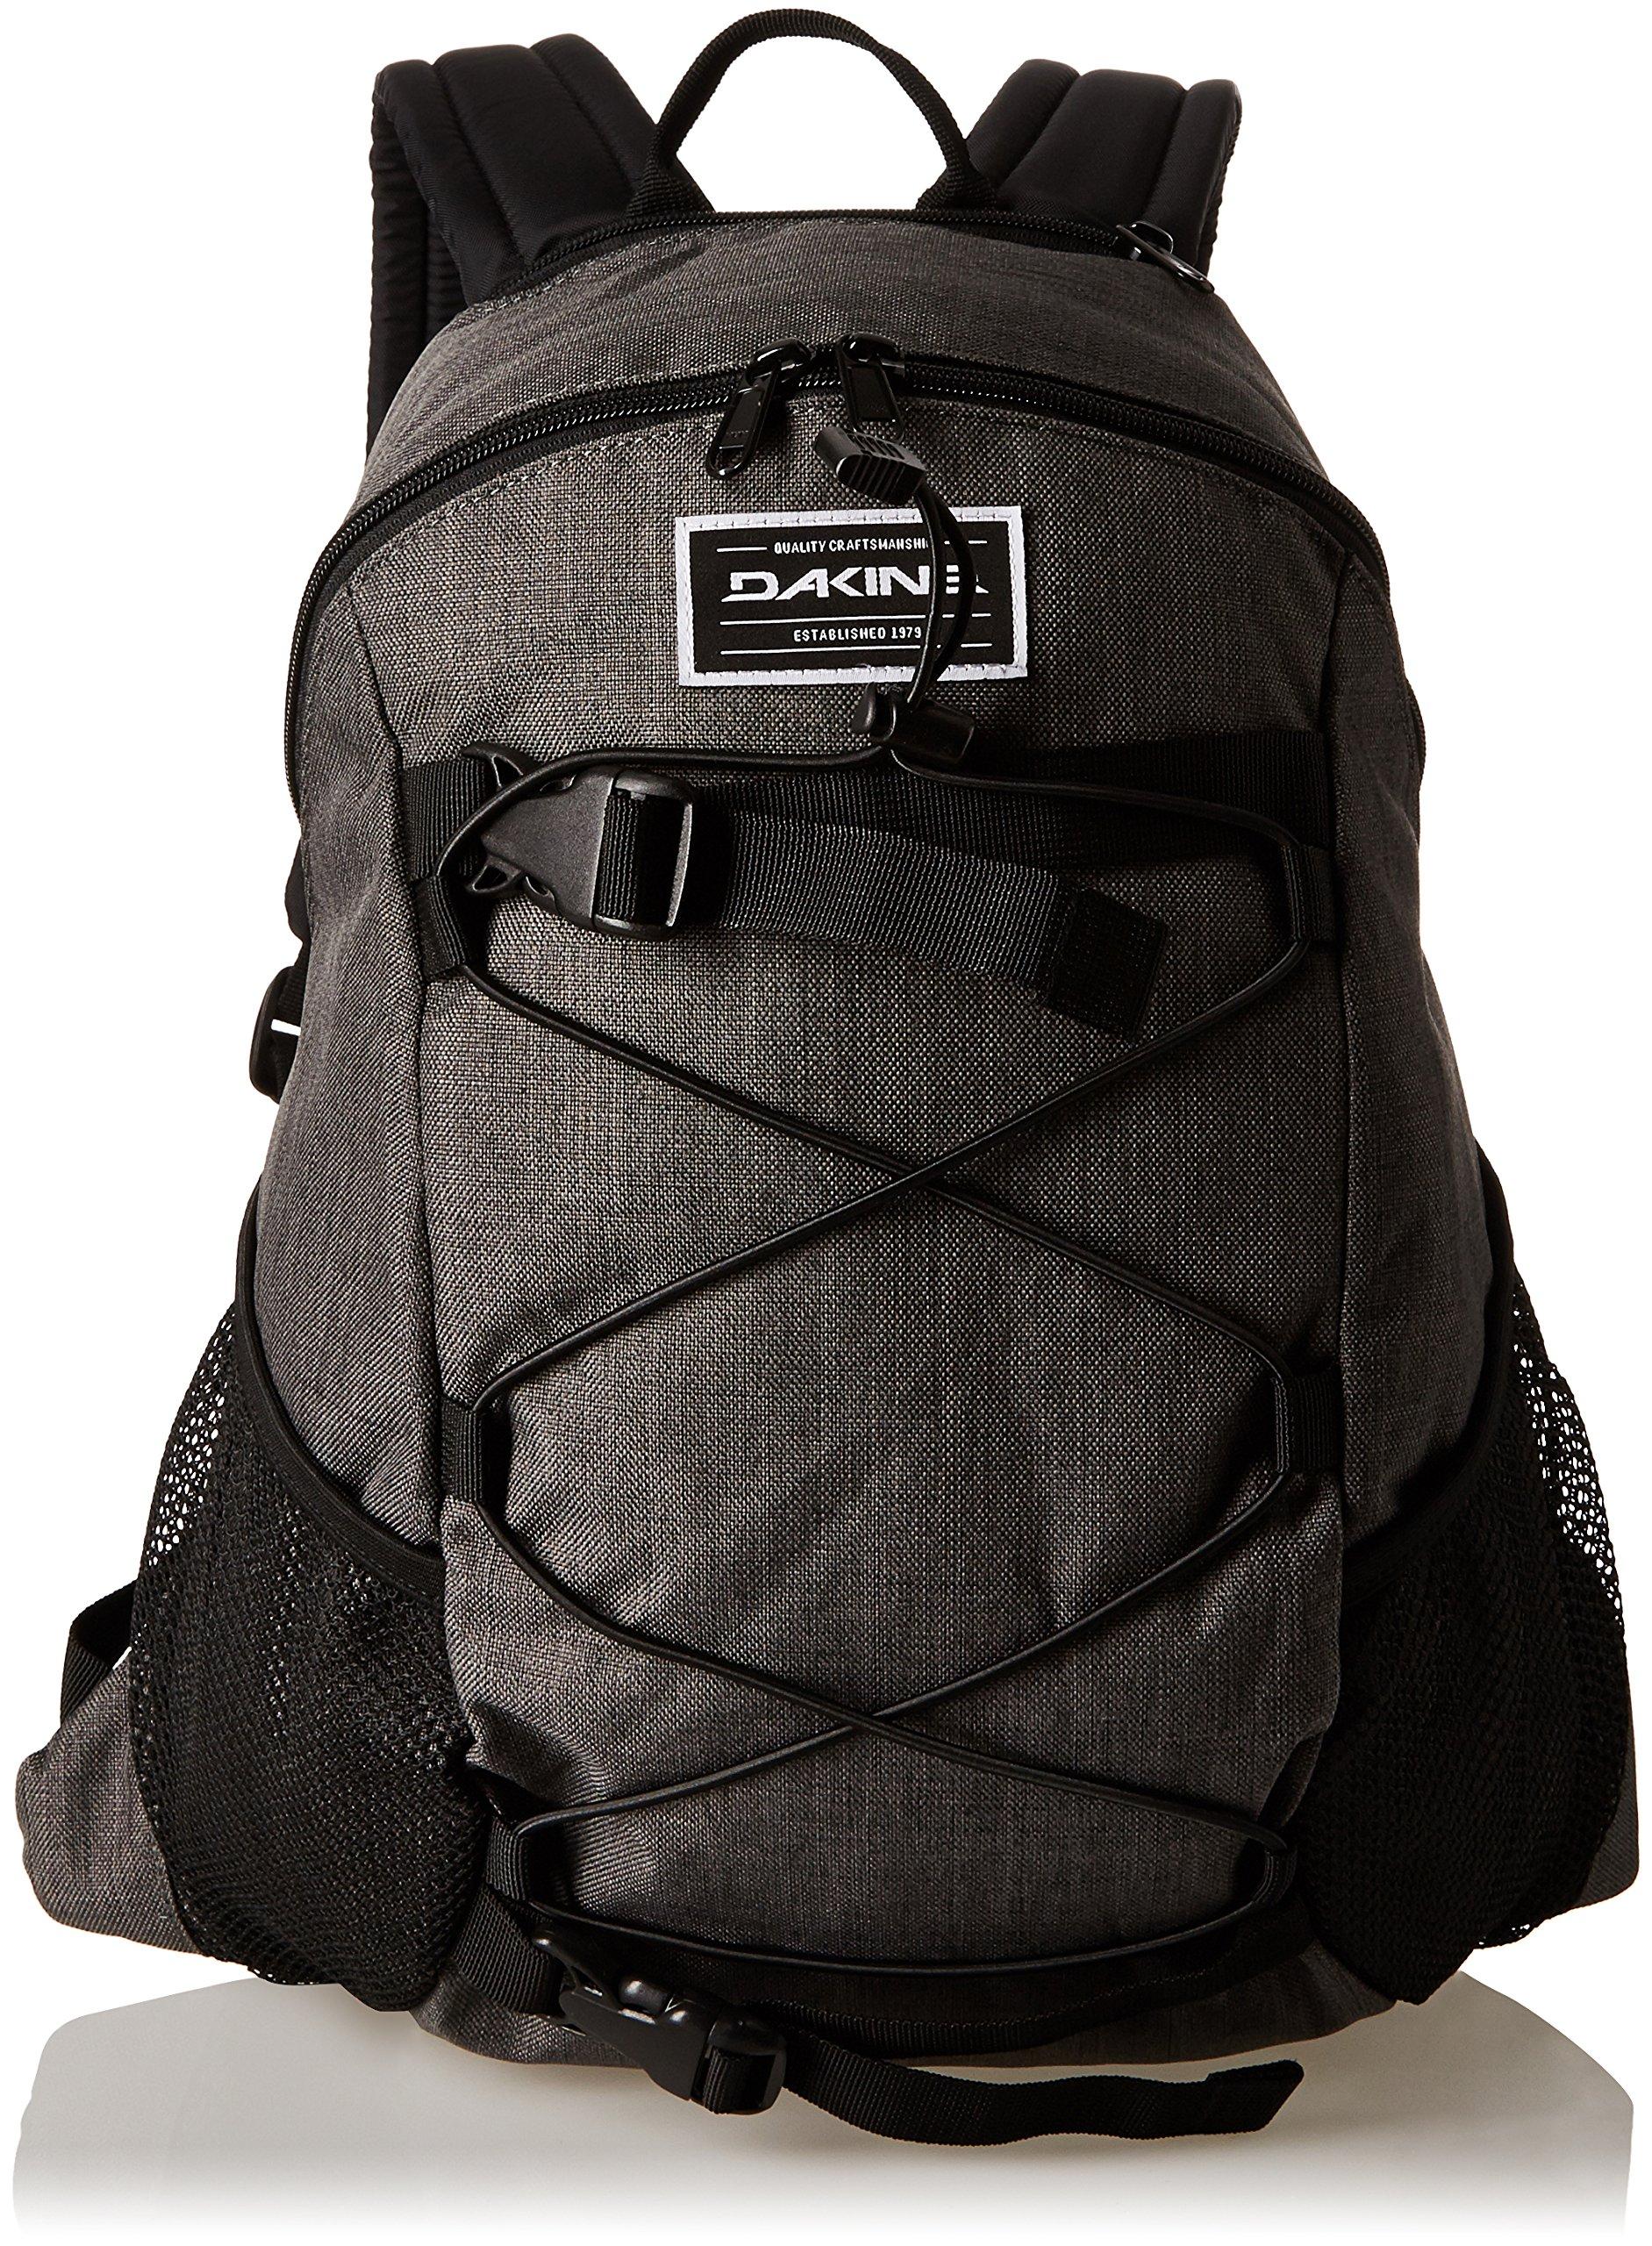 8a1ea57a0ff Galleon - Dakine Wonder 15L Carbon, One Size